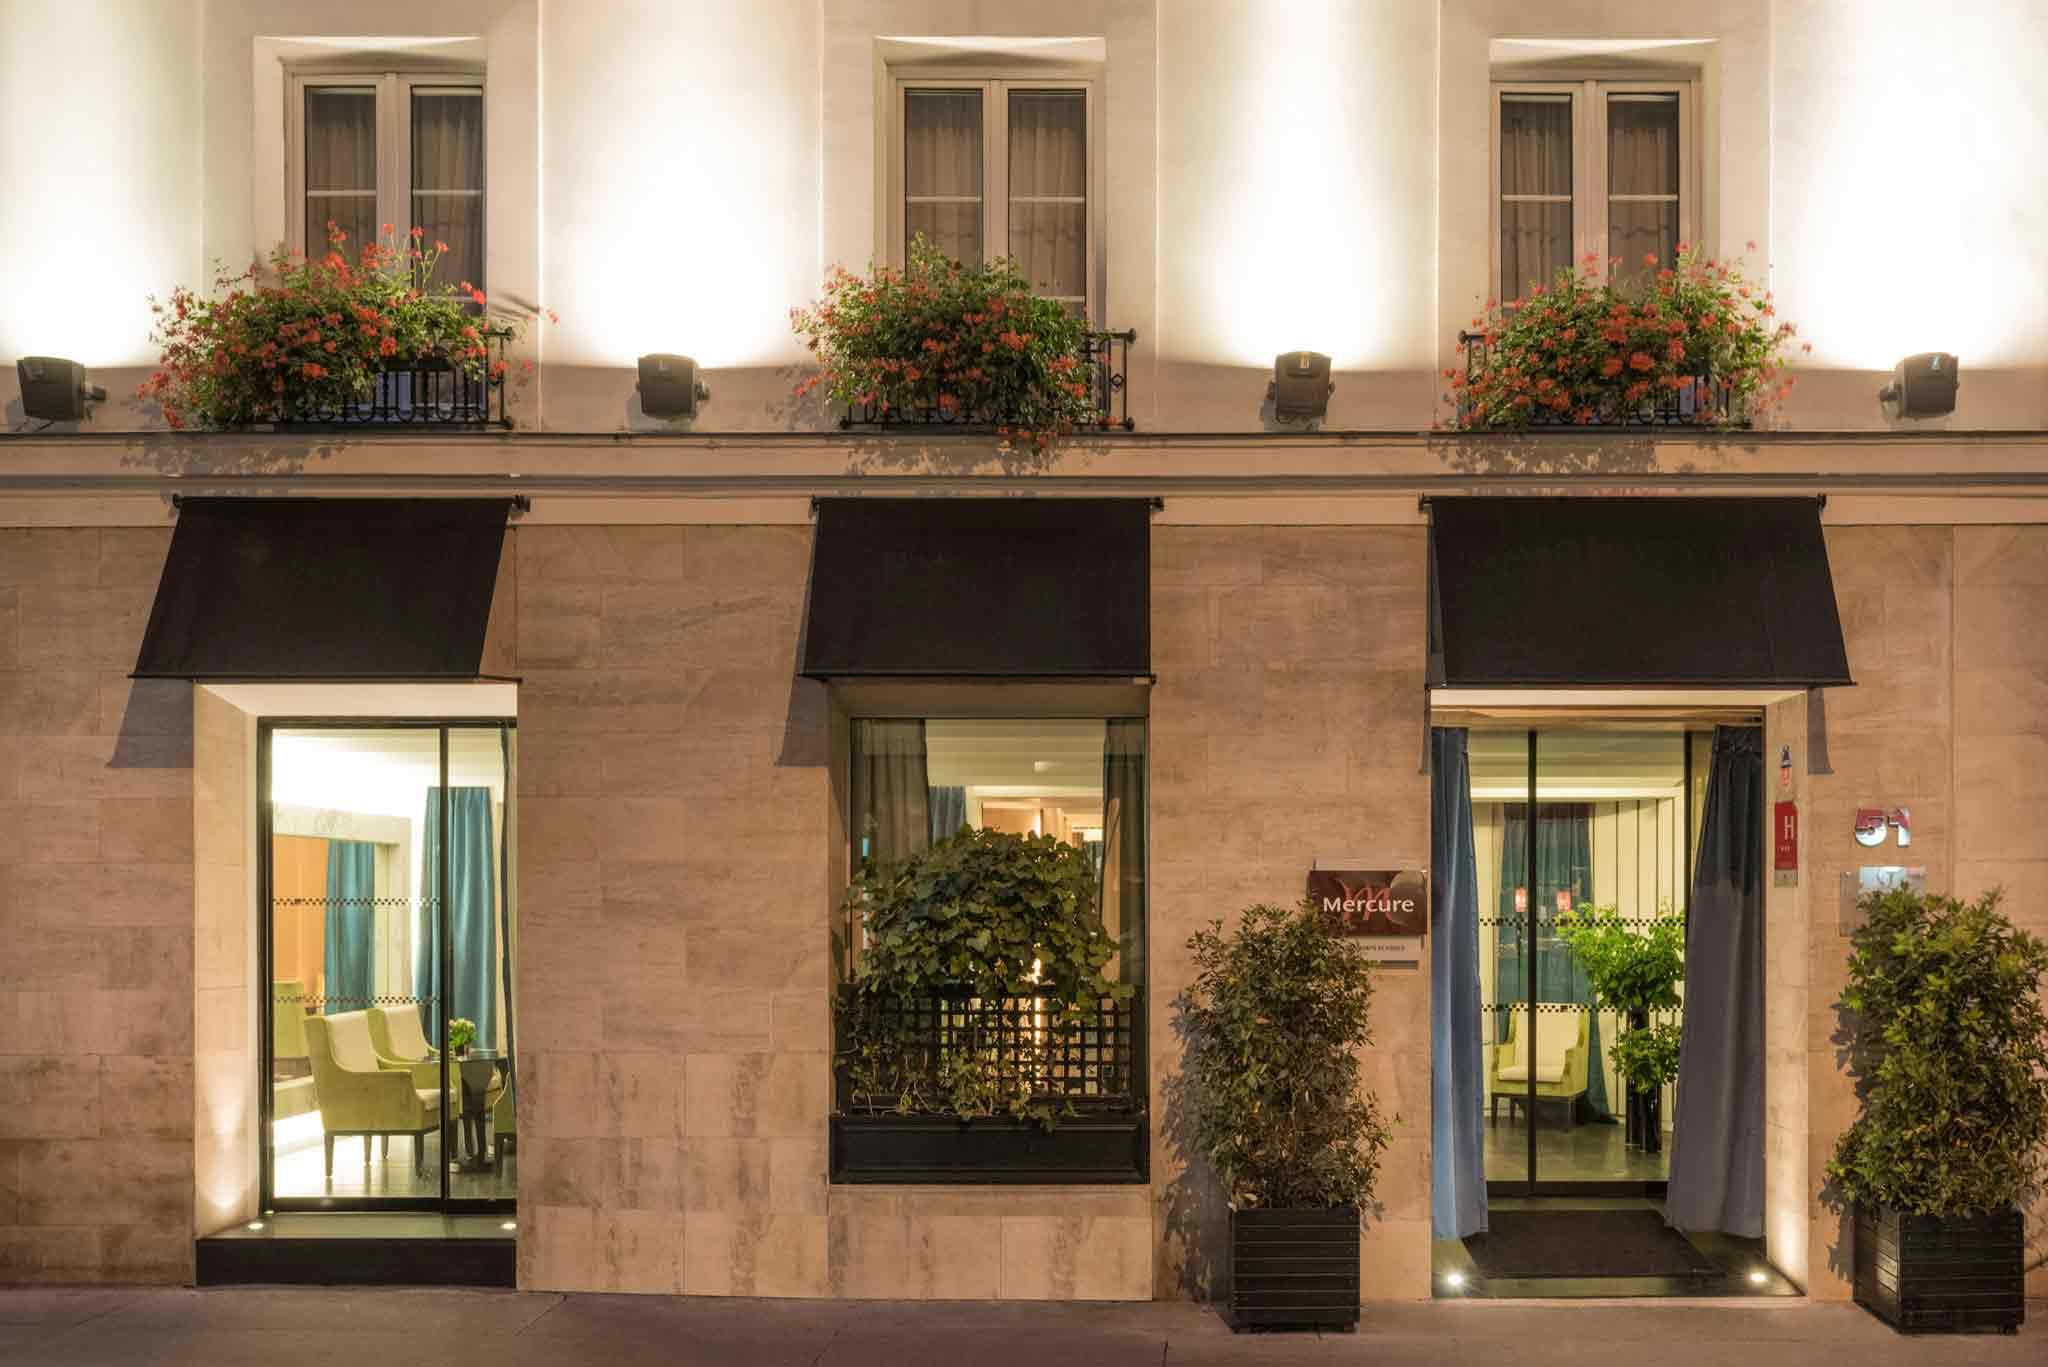 Hotel – Hotel Mercure Parijs Champs Elysées